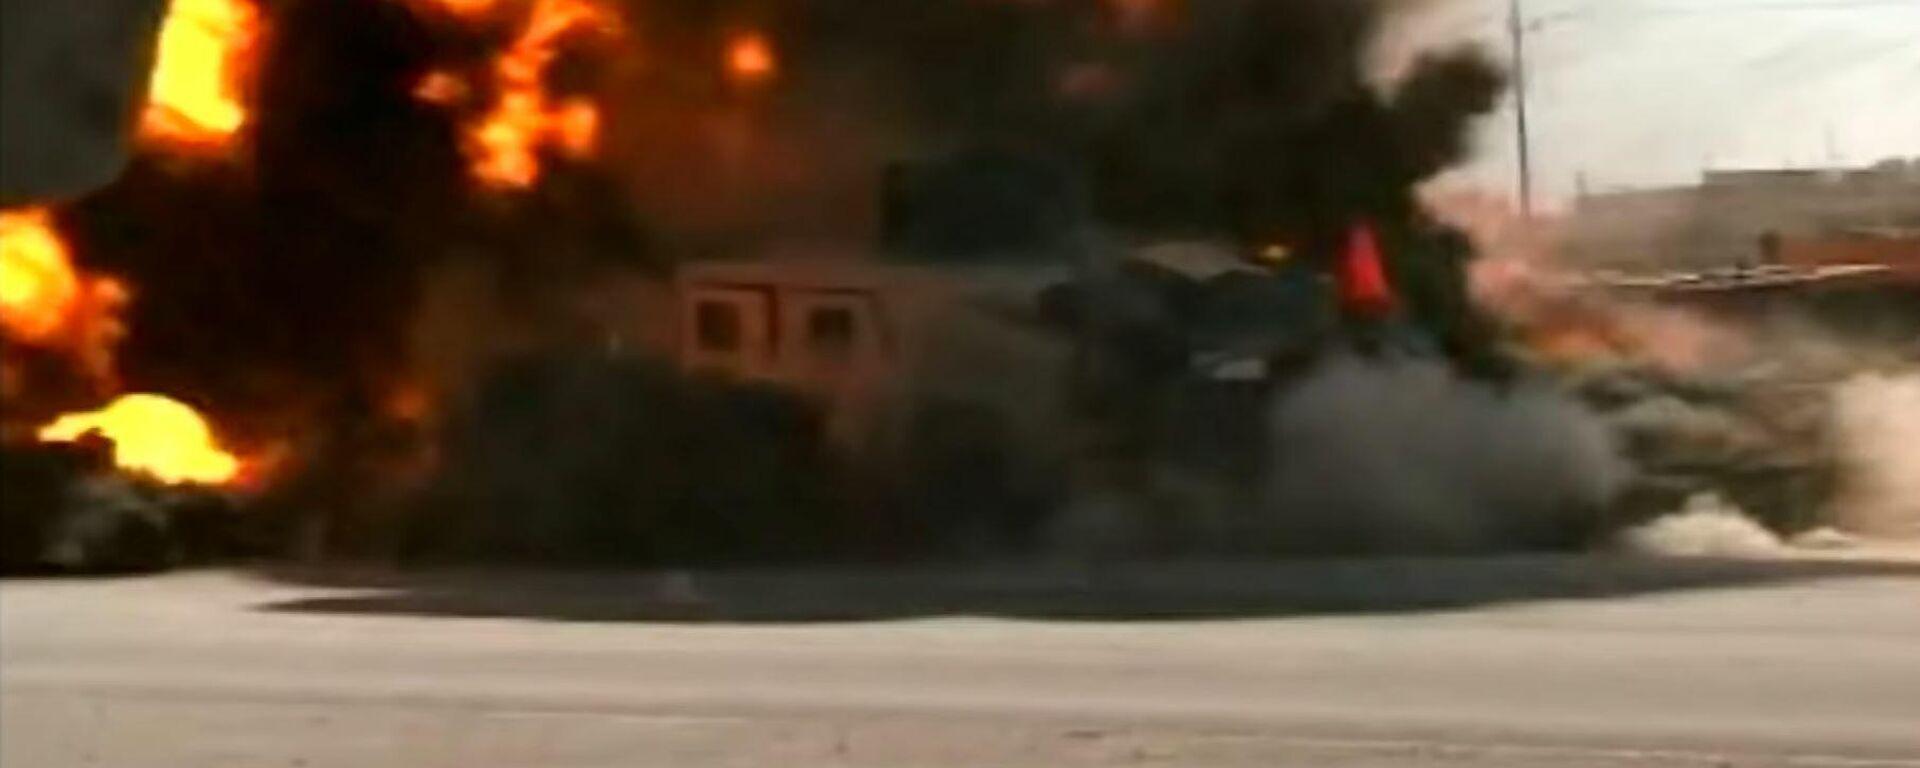 Un coche bomba vuela por los aires un Humvee estadounidense en Irak - Sputnik Mundo, 1920, 07.04.2021